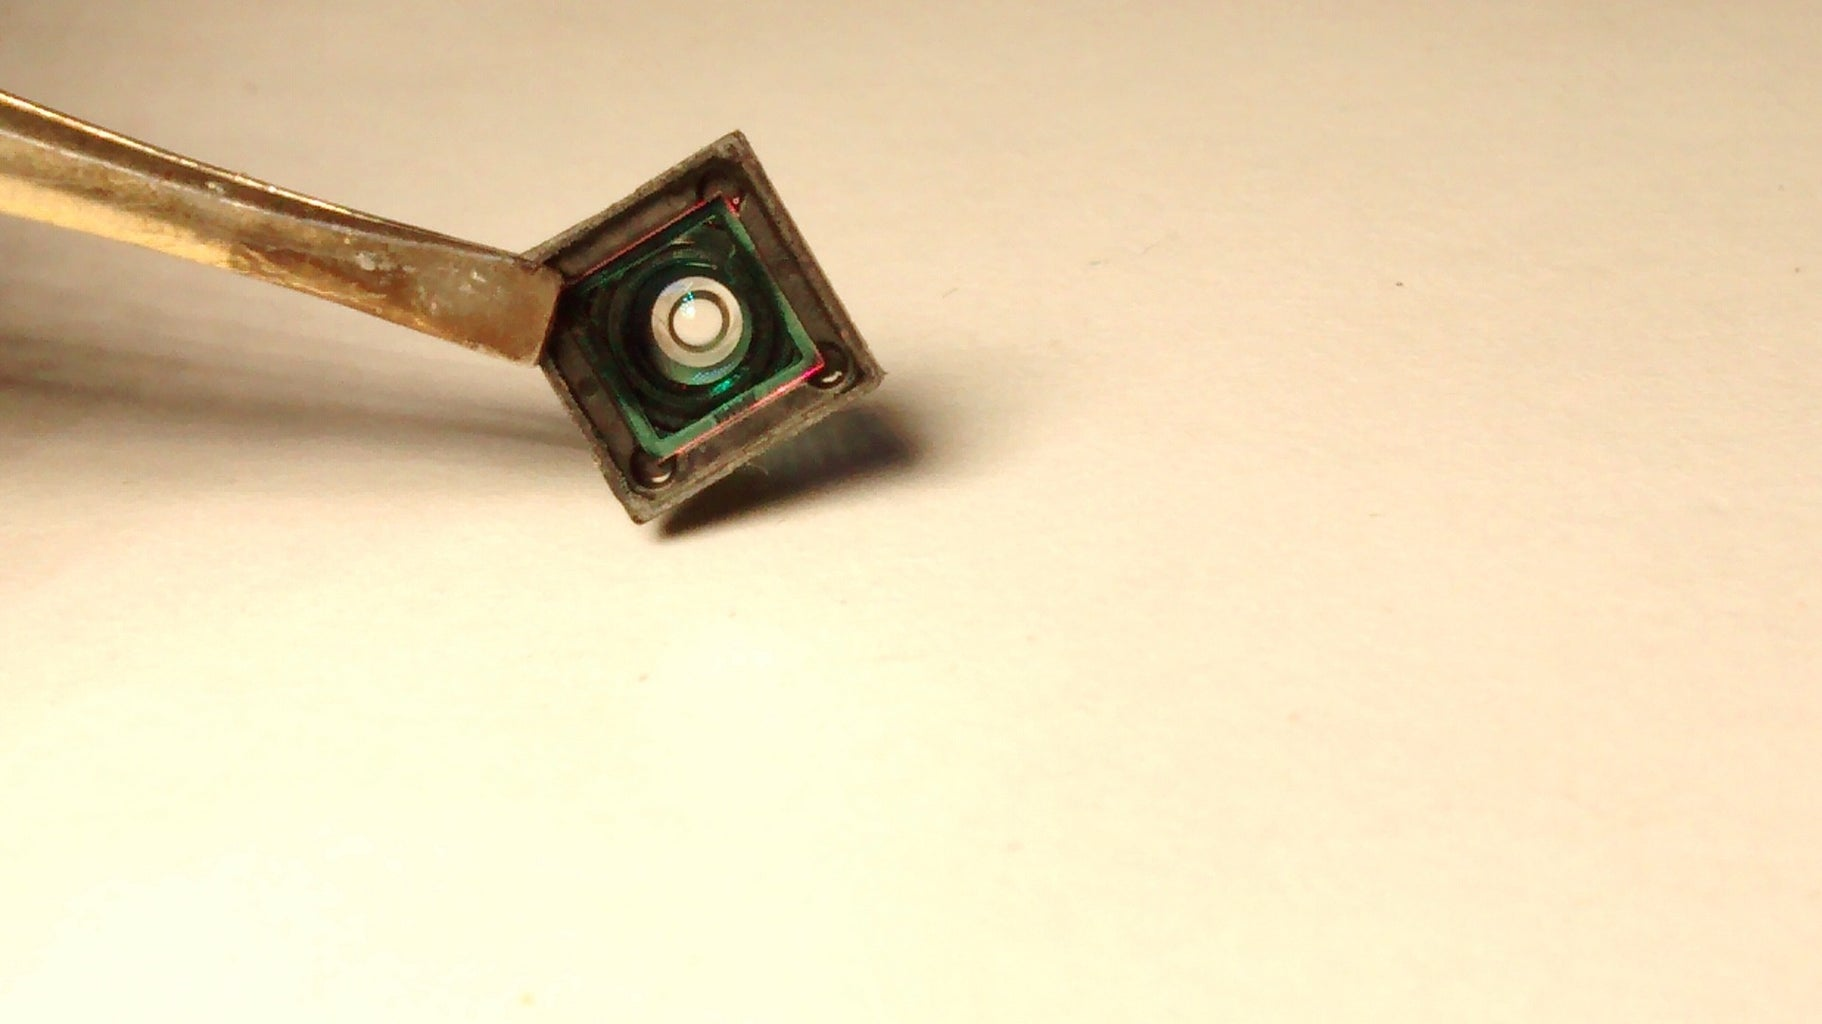 The (Tiny!) Lens